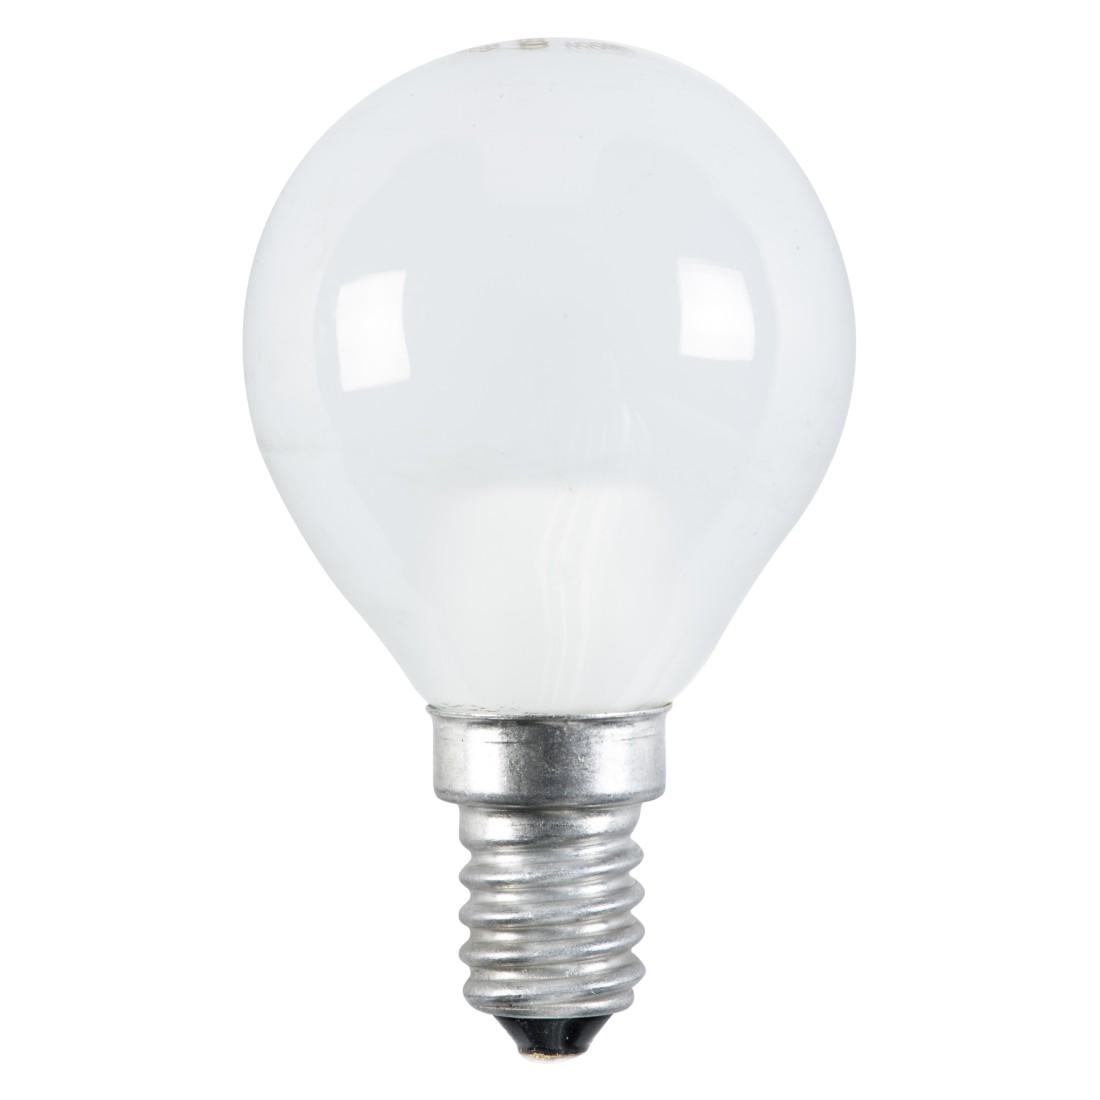 Energiesparlampe E14 7 W Tropfen ● Glas Weiß- Mega Licht